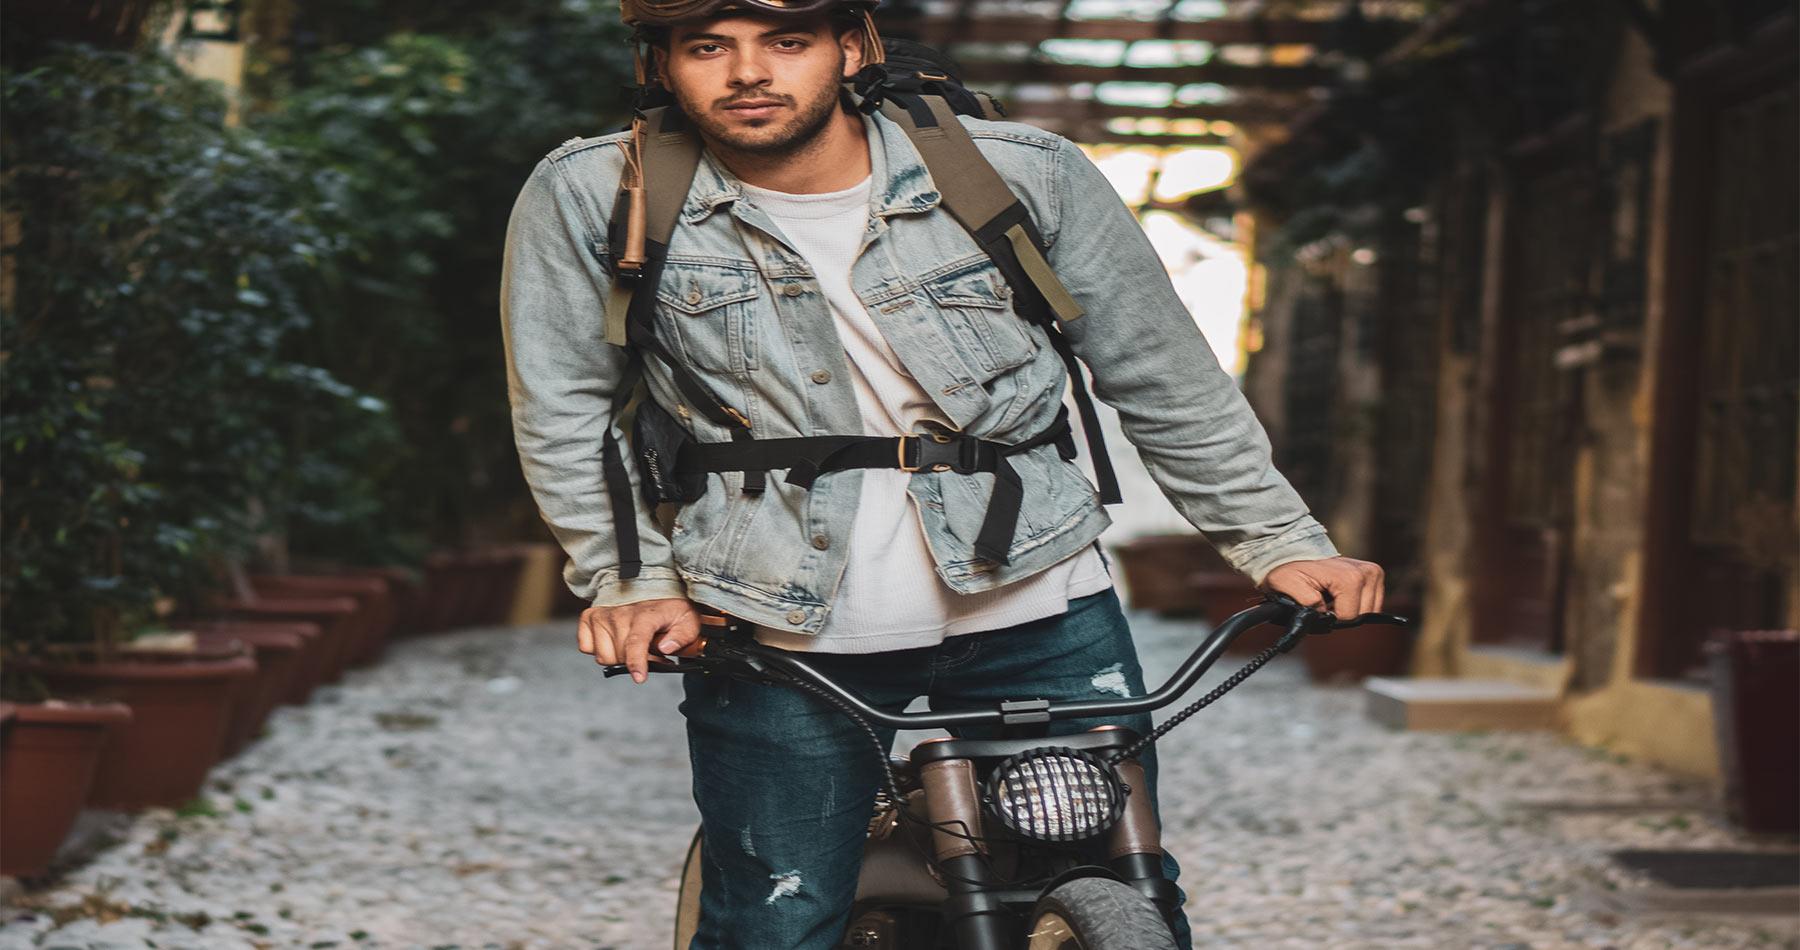 rhodes experiences odix retro bikes 12